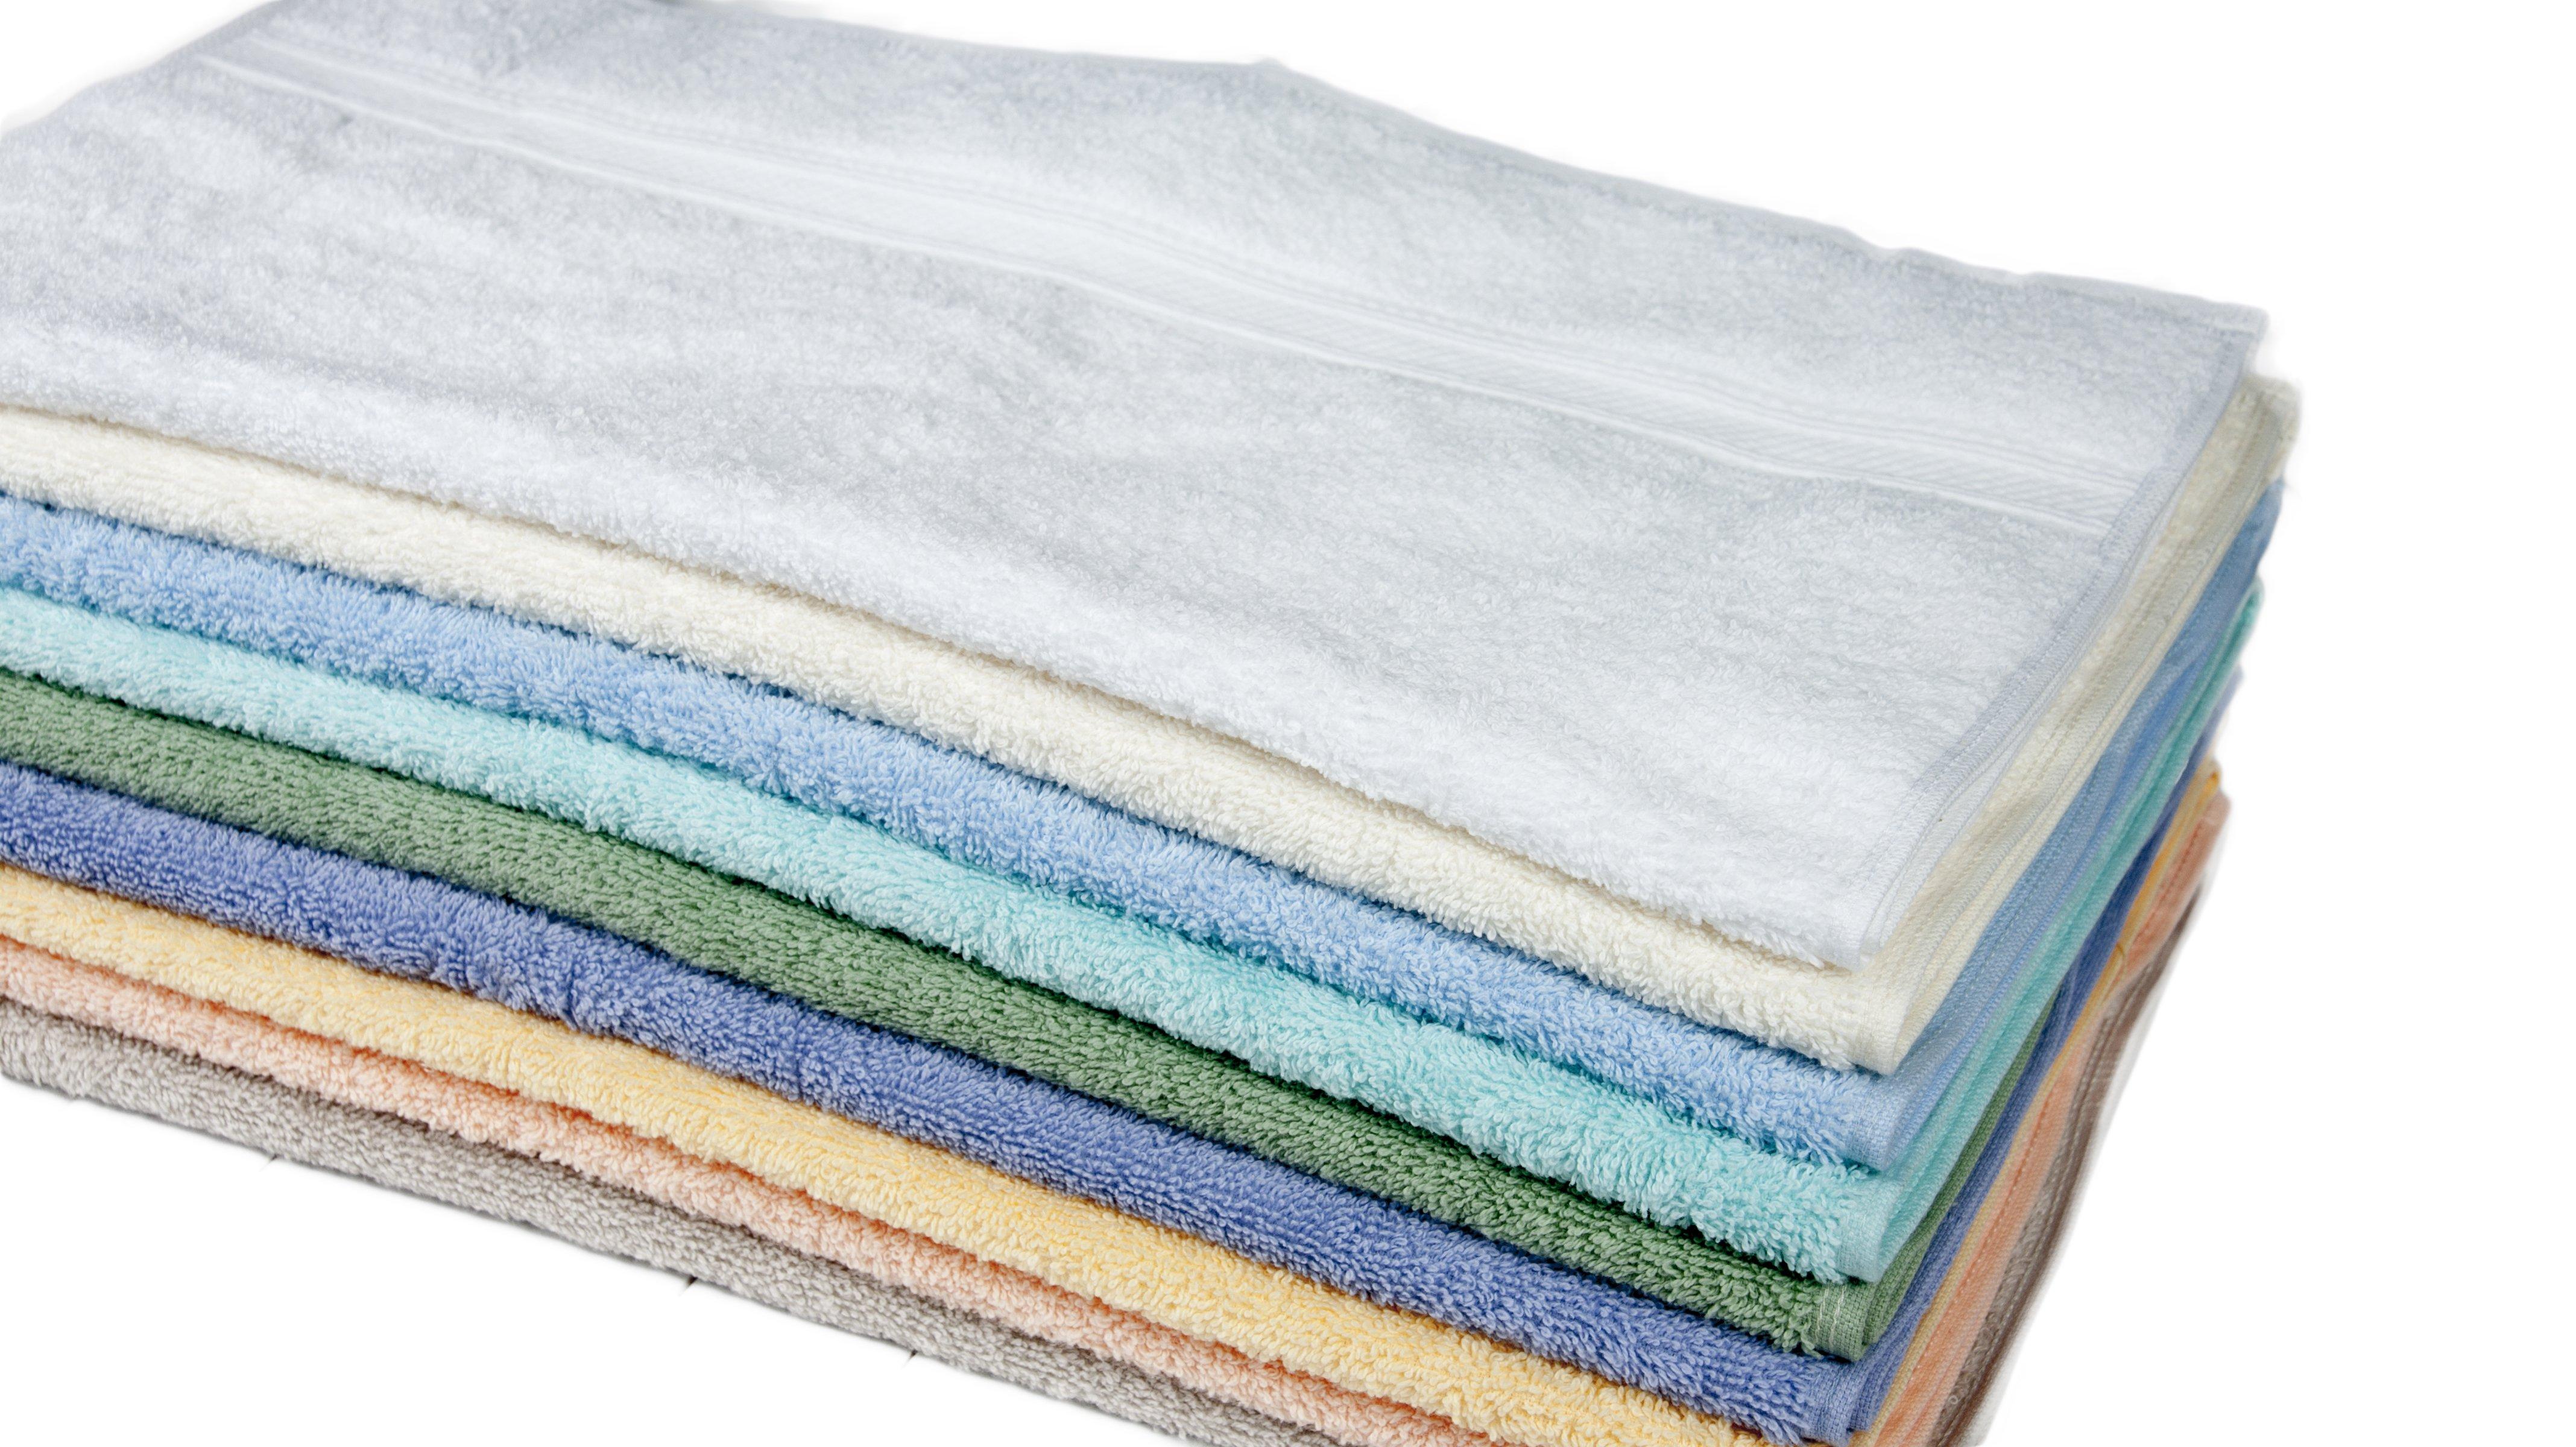 Kolorowe ręczniki do hotelu